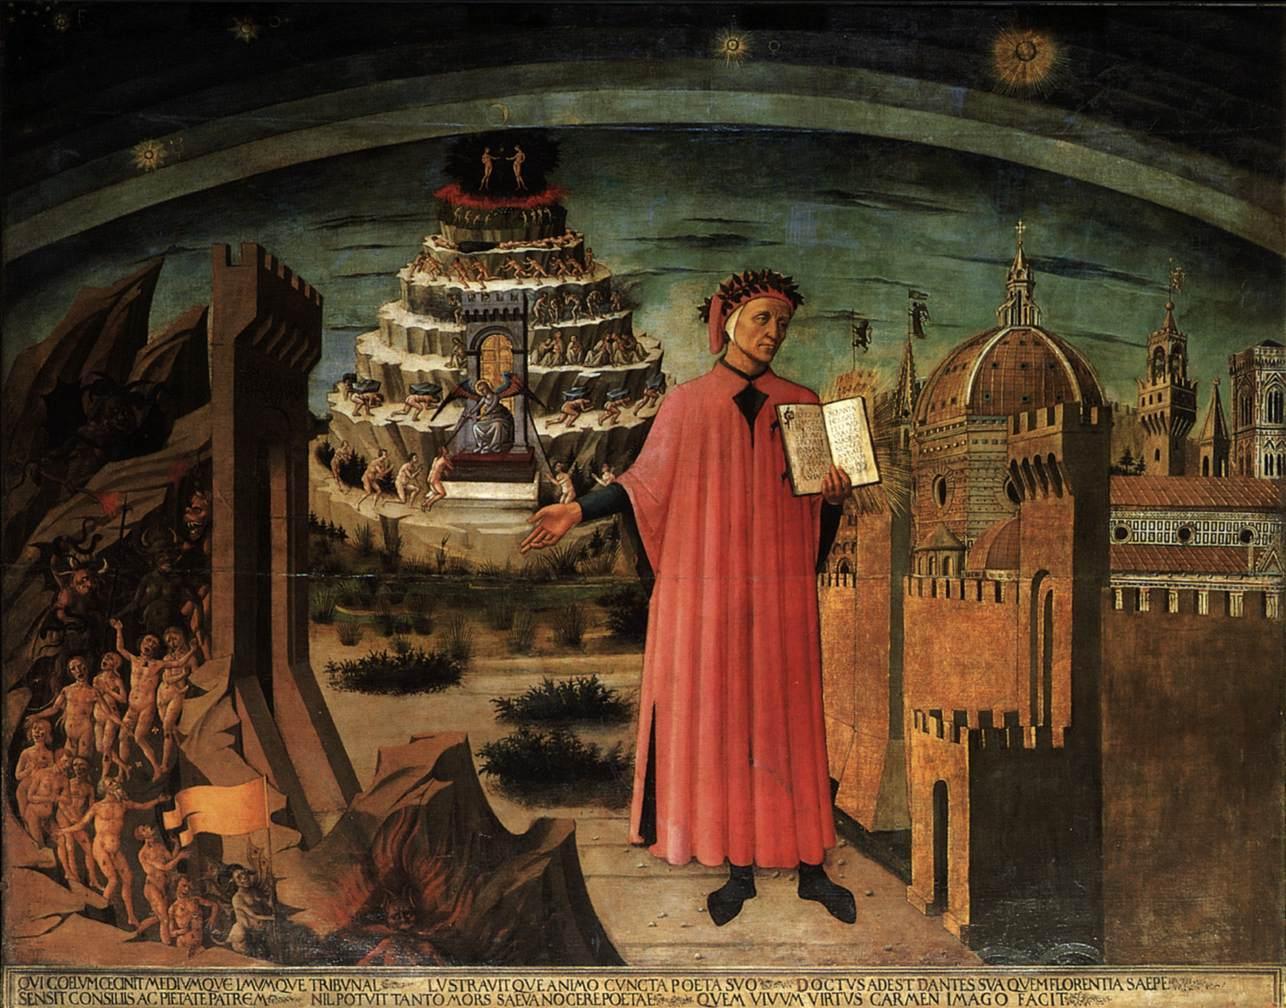 Dante frente al infierno, sosteniendo lo que se cree es una copia de la Divina Comedia.